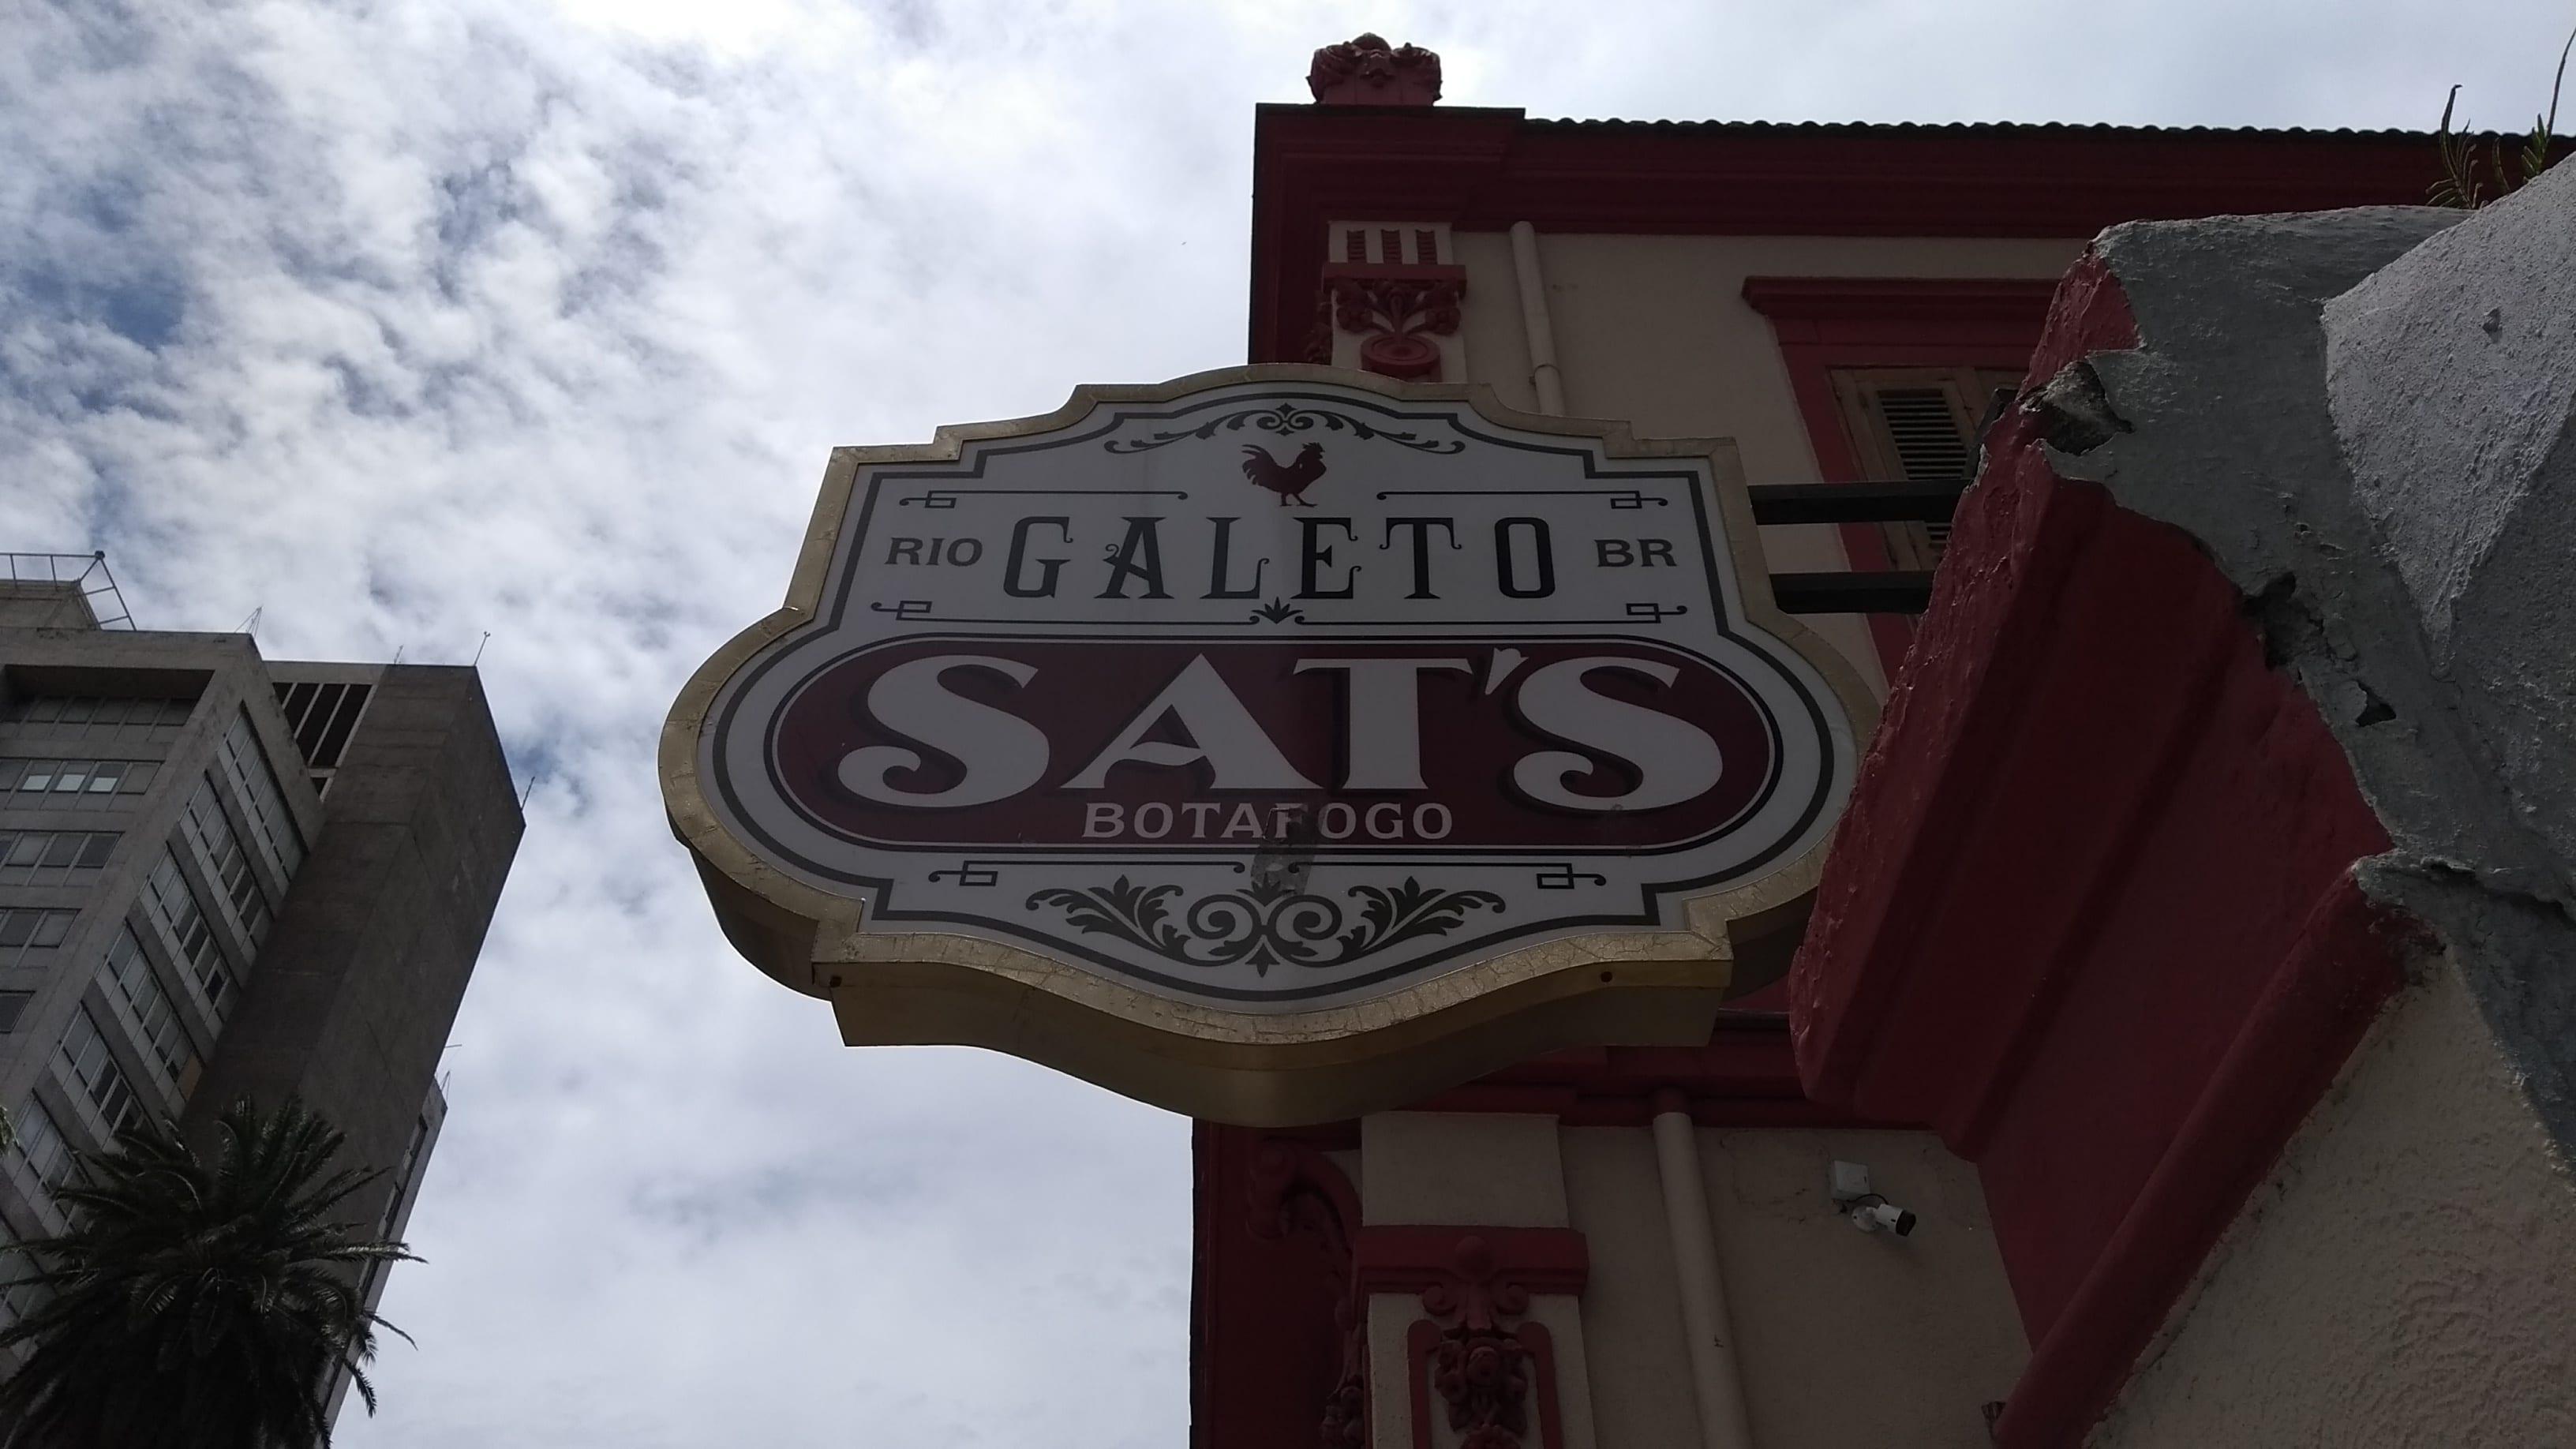 Restaurants in Rio de Janeiro - Galeto Sat's - A Dica do Dia - Rio & Learn